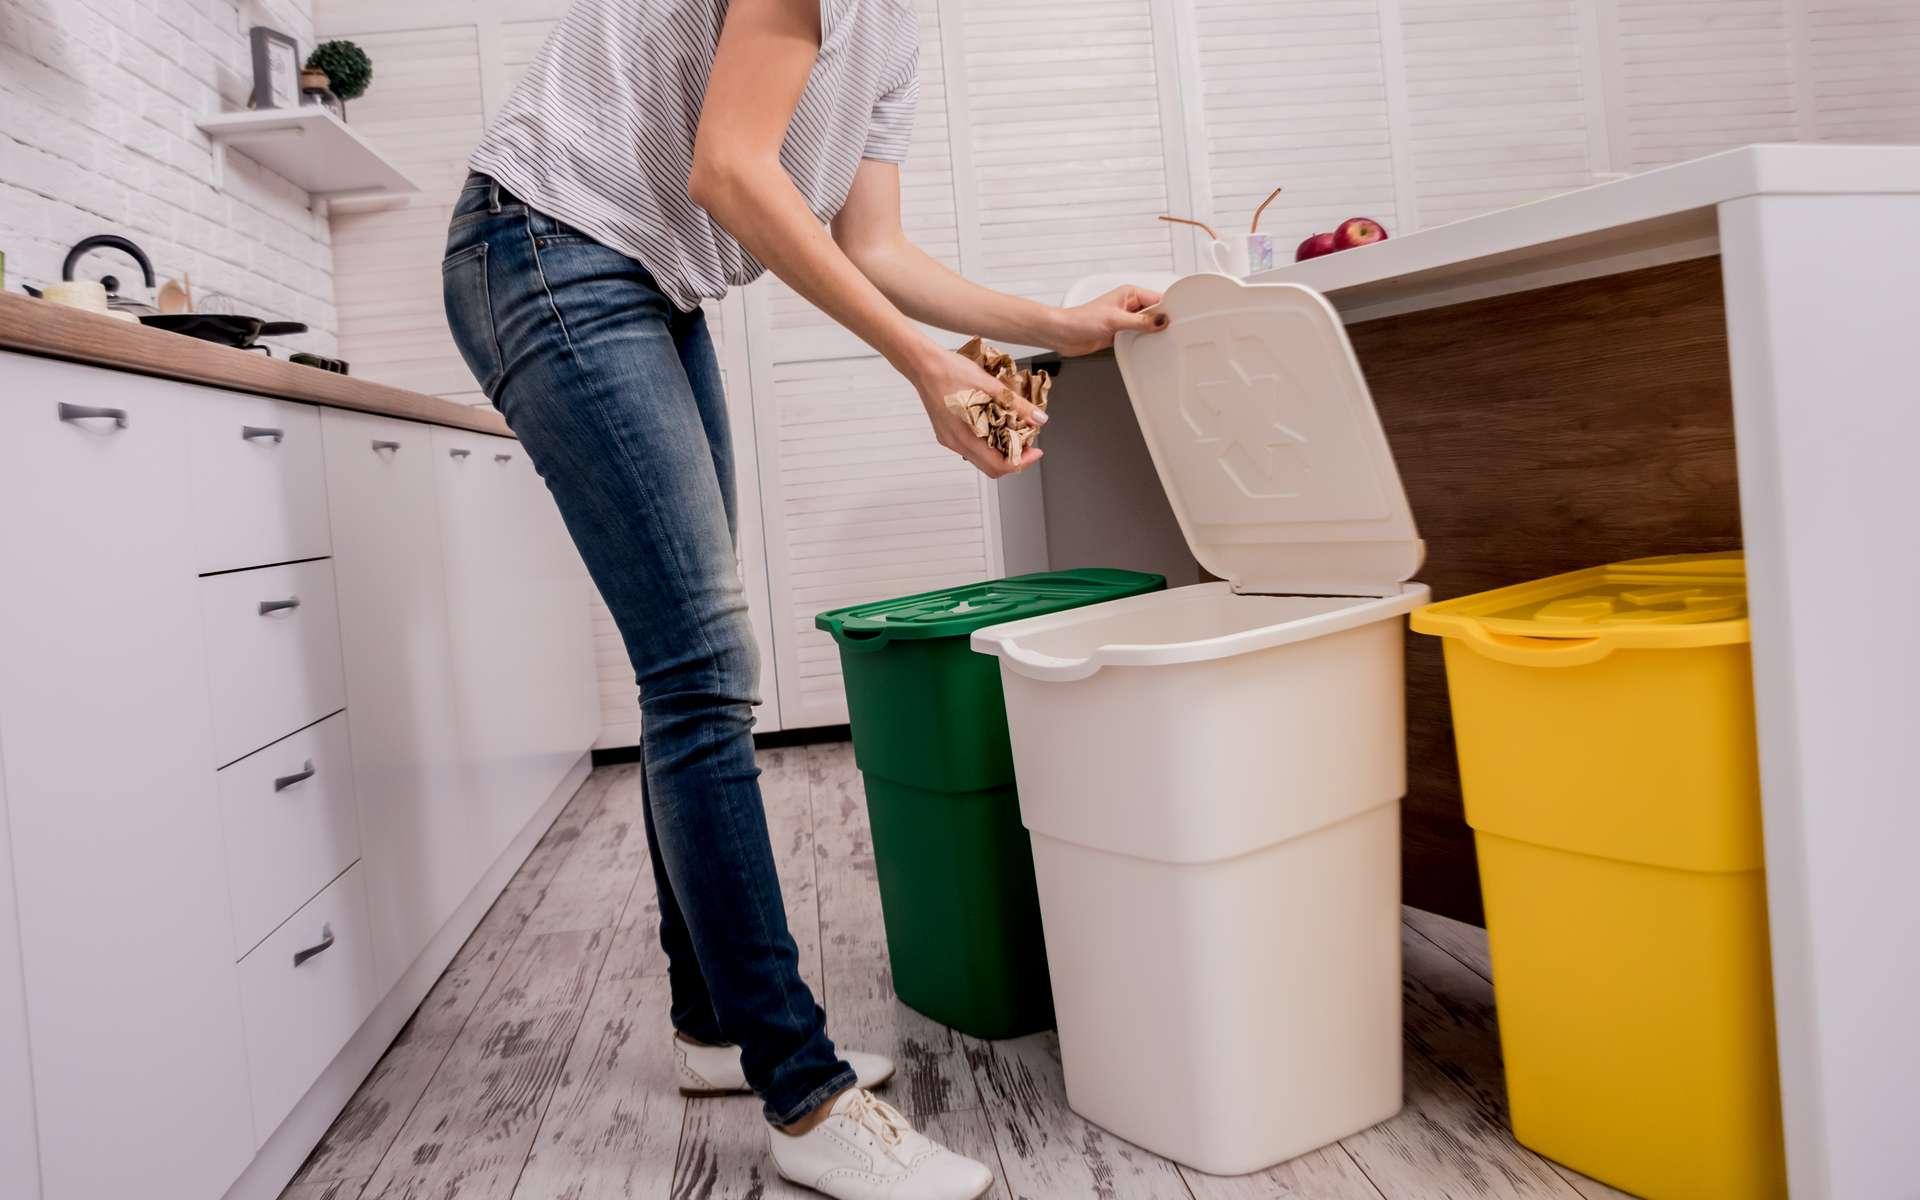 Premier pas vers la réduction des déchets : le tri sélectif. Papier, métal, plastique sont plus facilement traités et séparés des déchets organiques (légumes, coquilles d'œufs...) qui peuvent être réutilisés pour faire du compost. © romaset, Adobe Stock